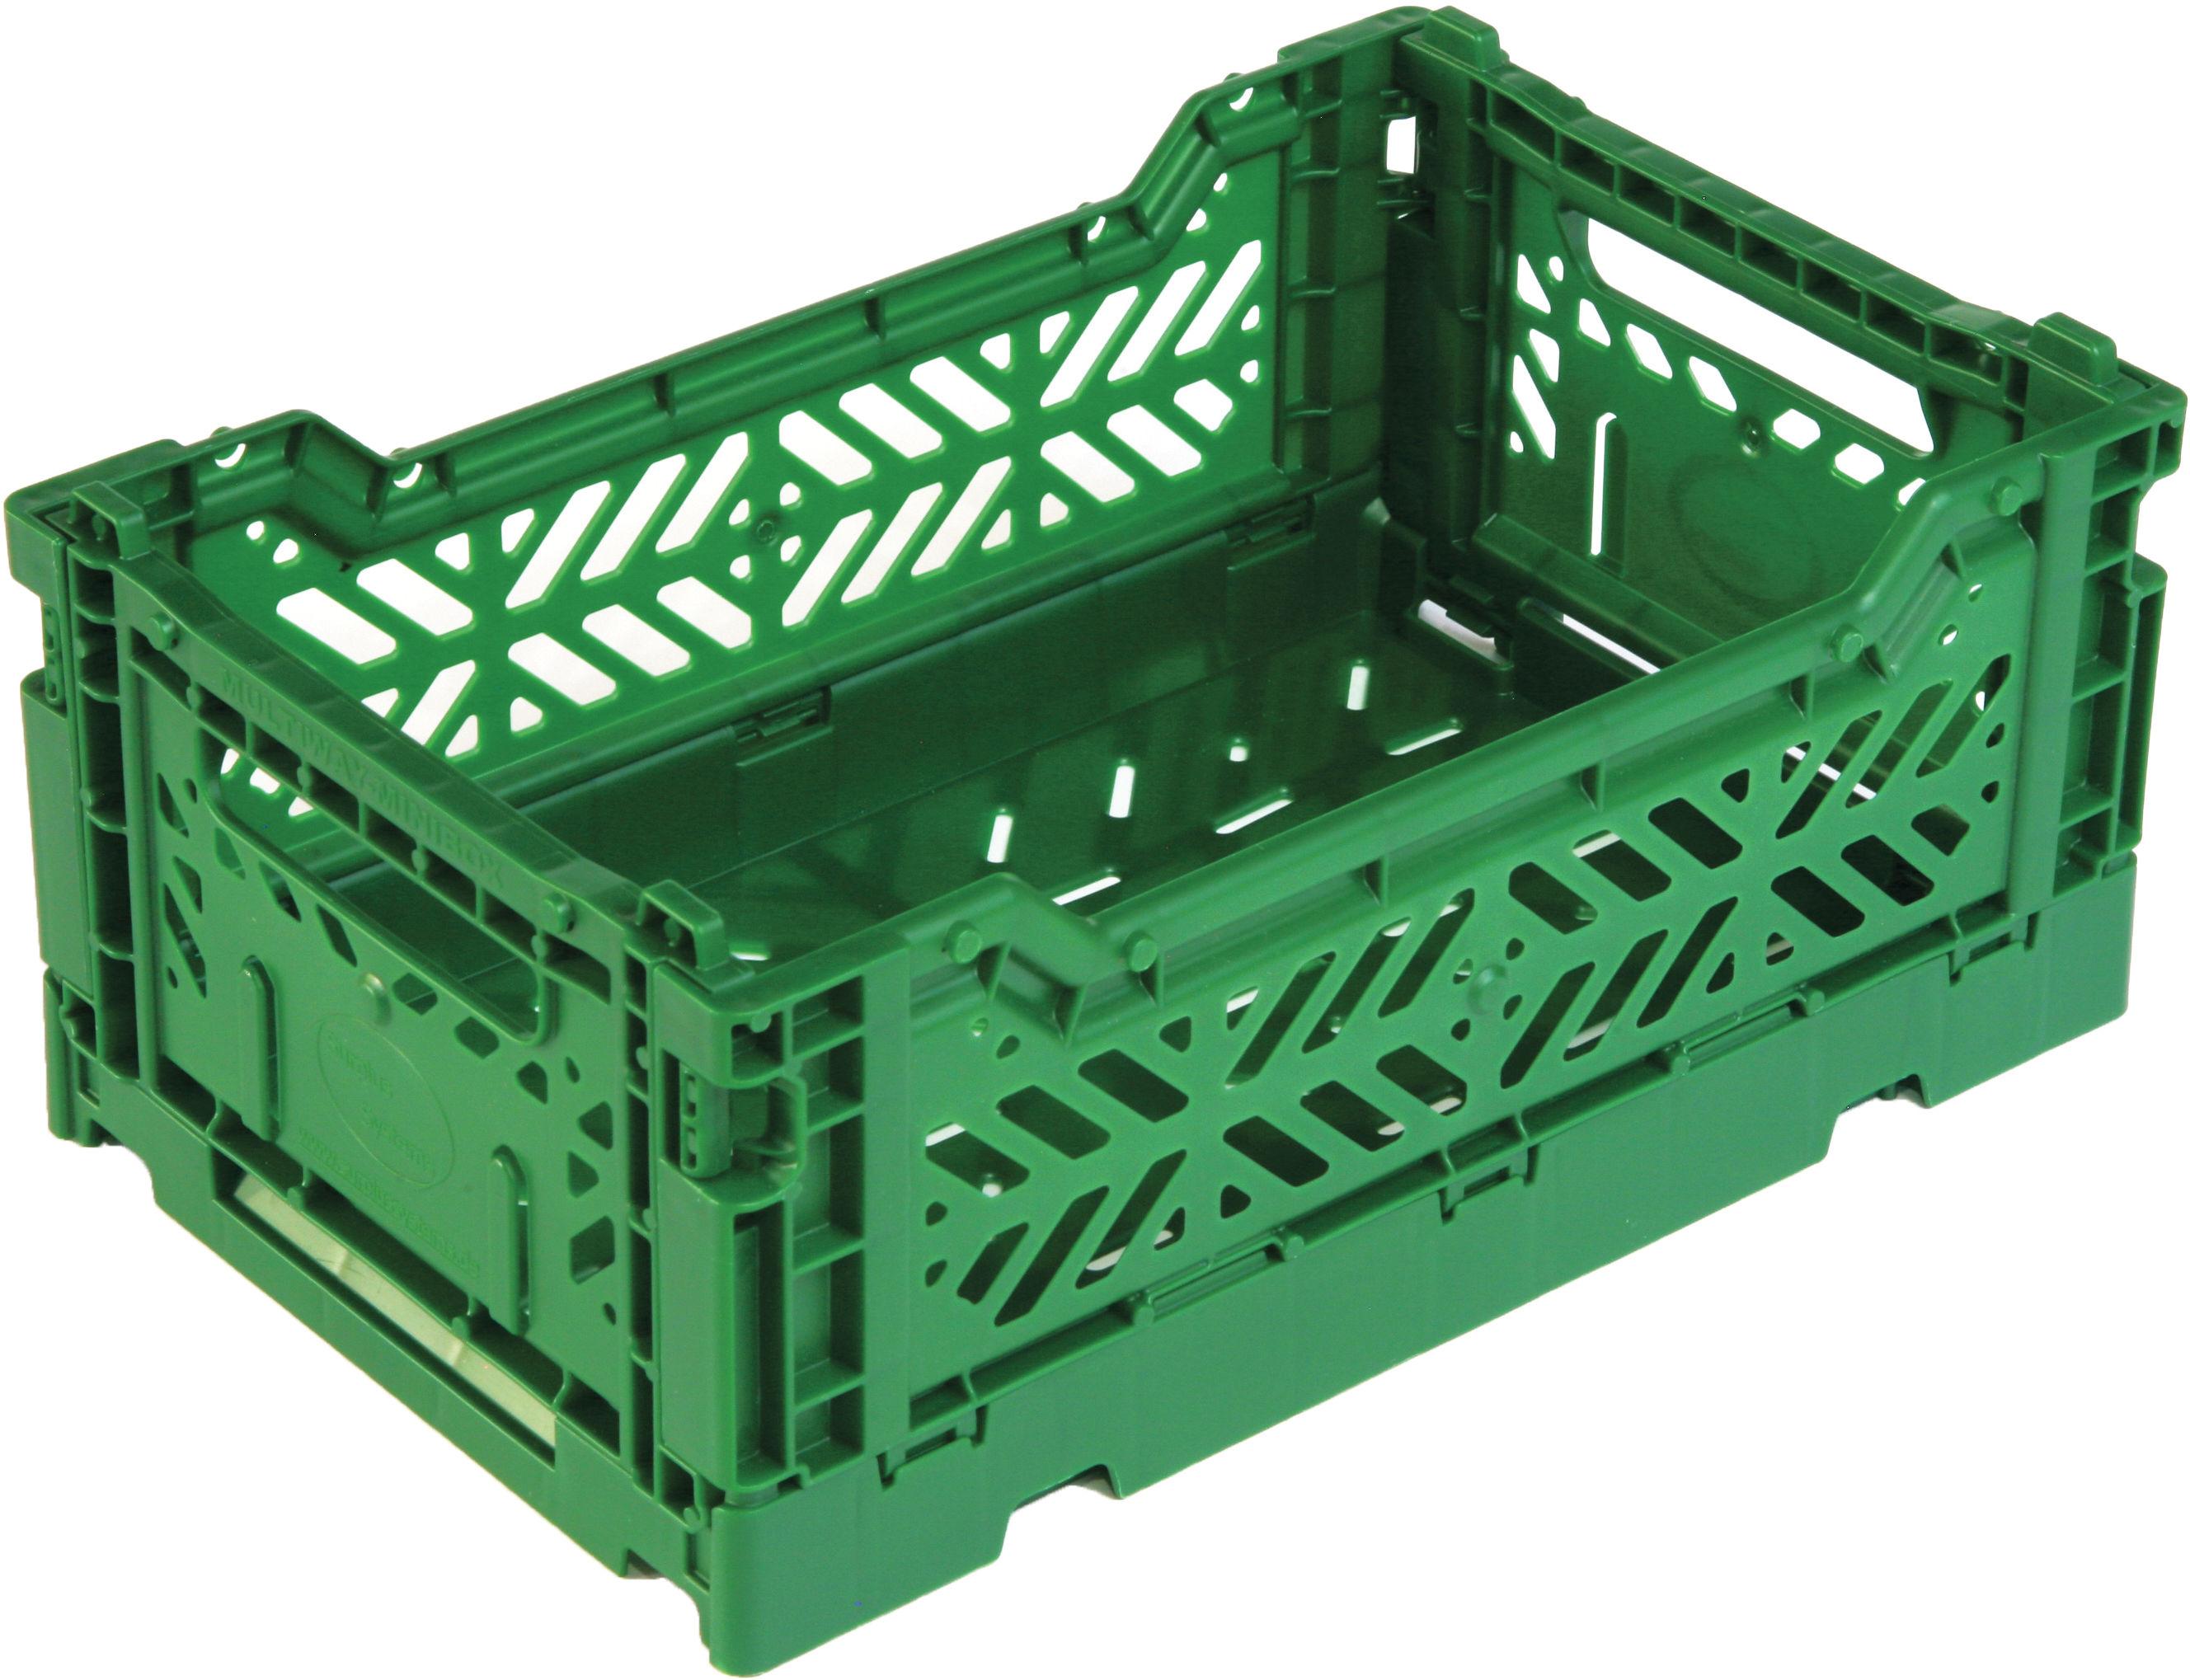 casier de rangement mini box pliable l 26 5 cm vert bouteille surplus systems pop corn. Black Bedroom Furniture Sets. Home Design Ideas